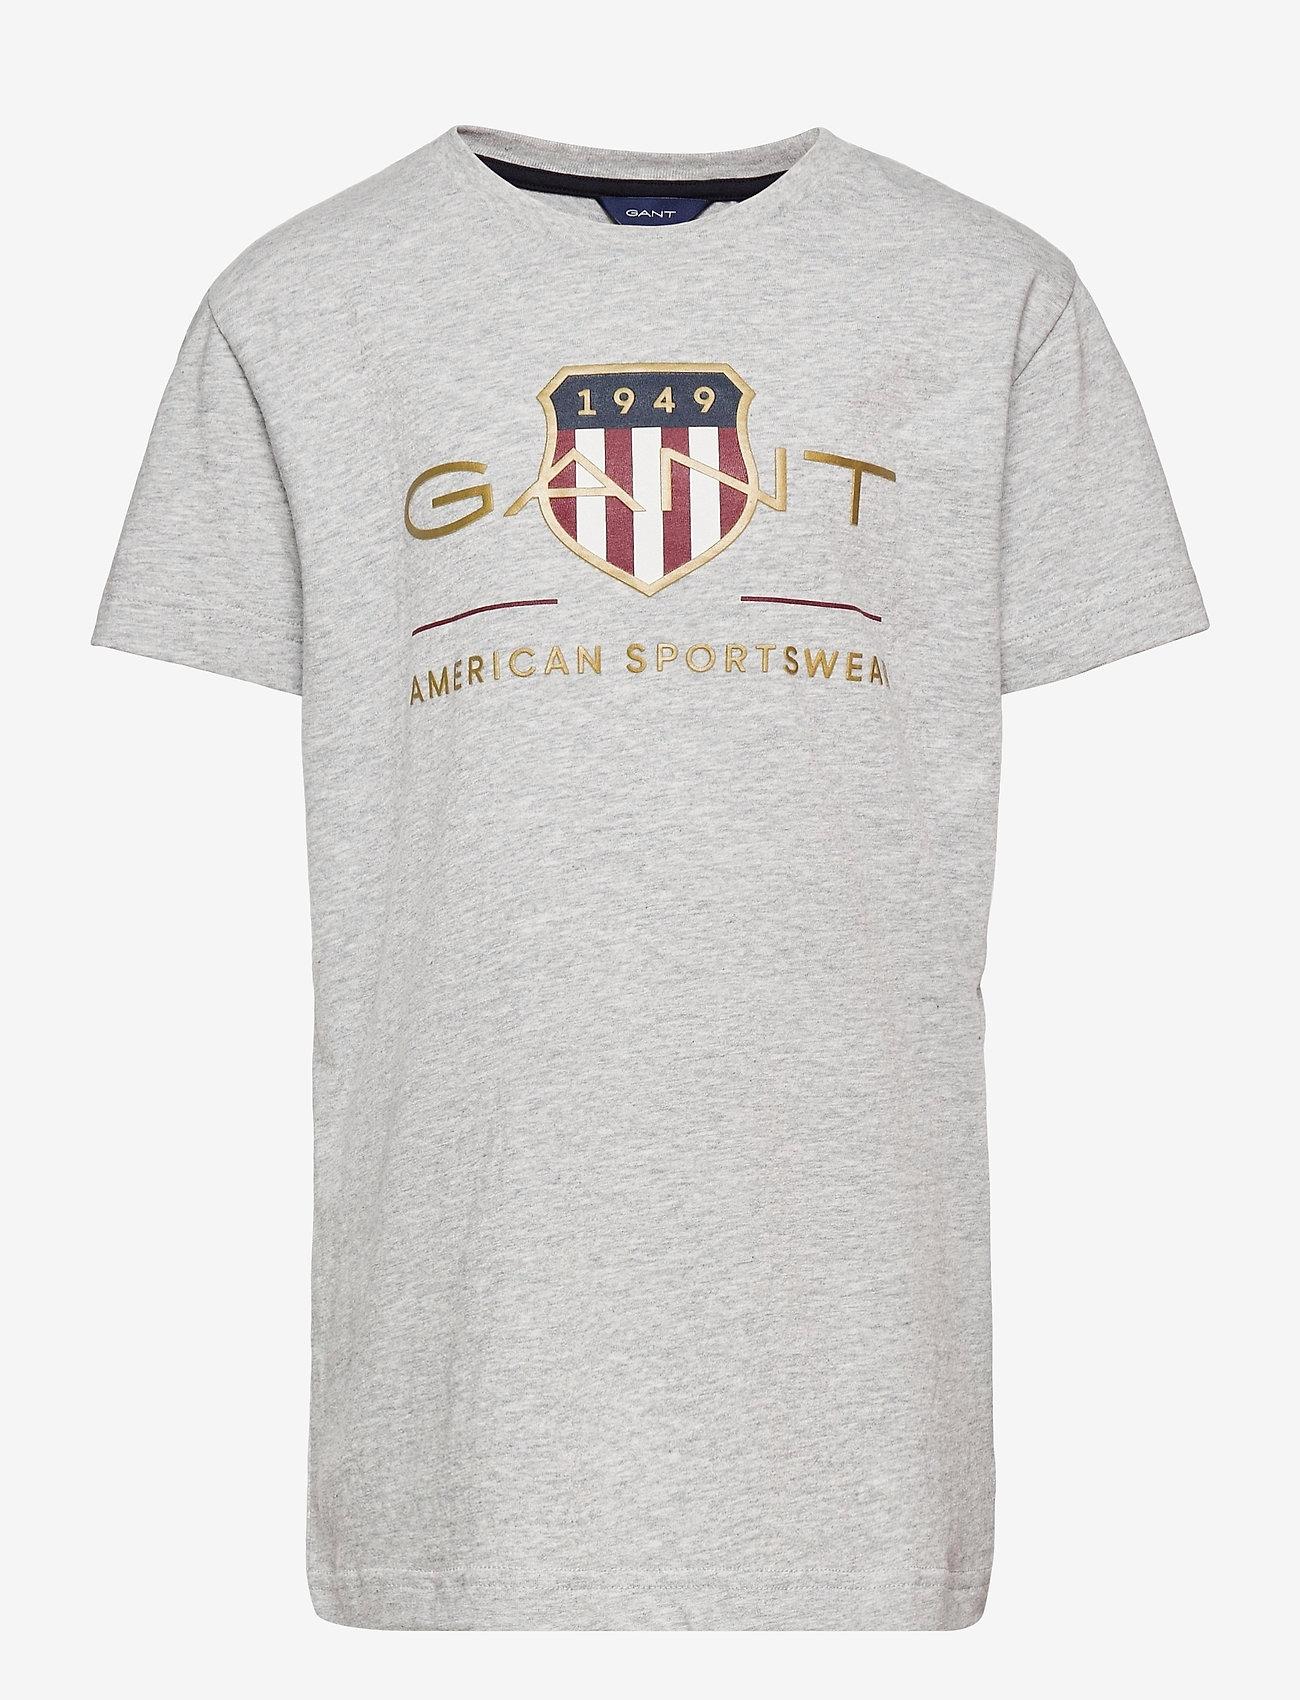 GANT - ARCHIVE SHIELD SS T-SHIRT - short-sleeved - light grey melange - 0